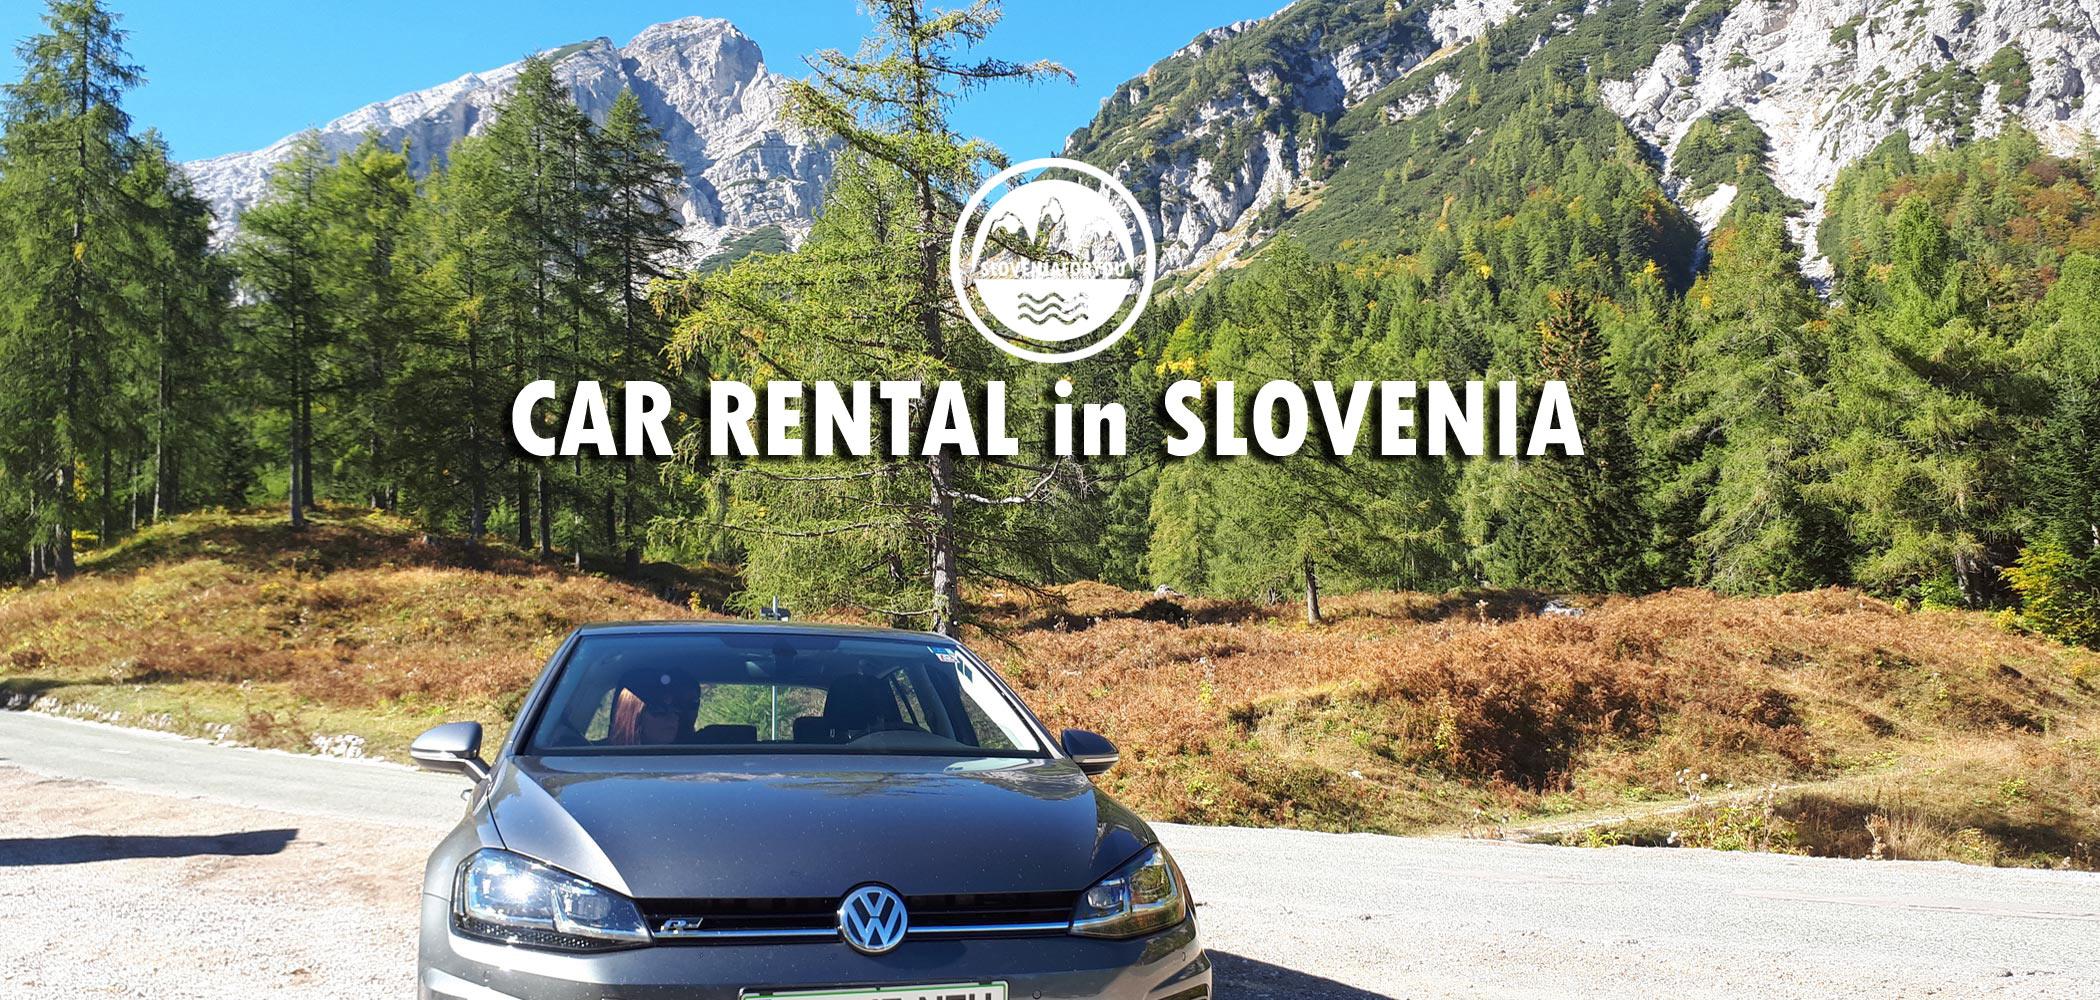 Slovenia Car Rentals - The lowdown on hiring a car in